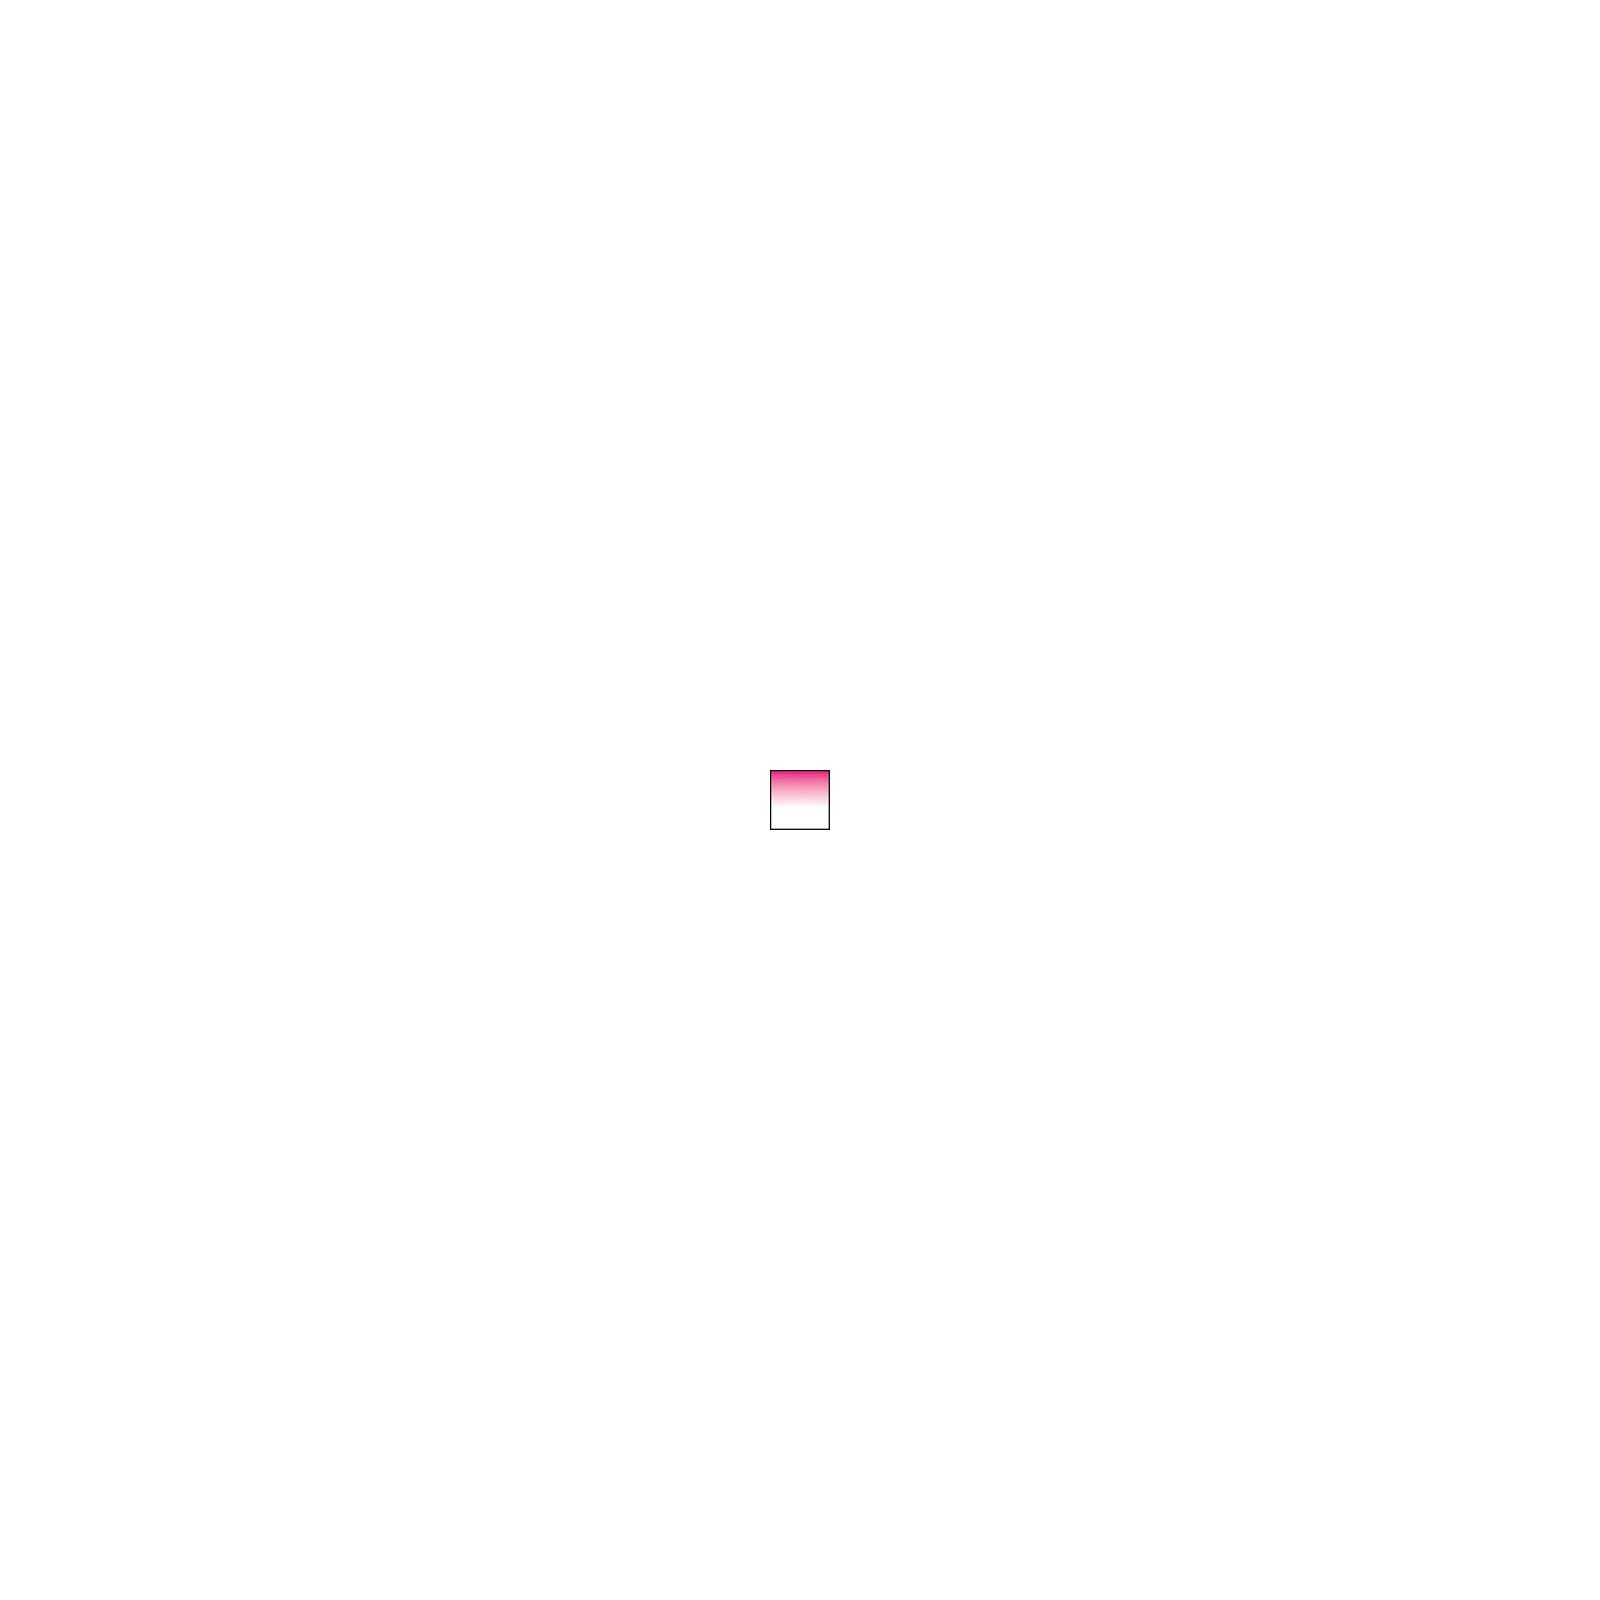 Cokin A671 Verlauf leuchtend Rosa 2